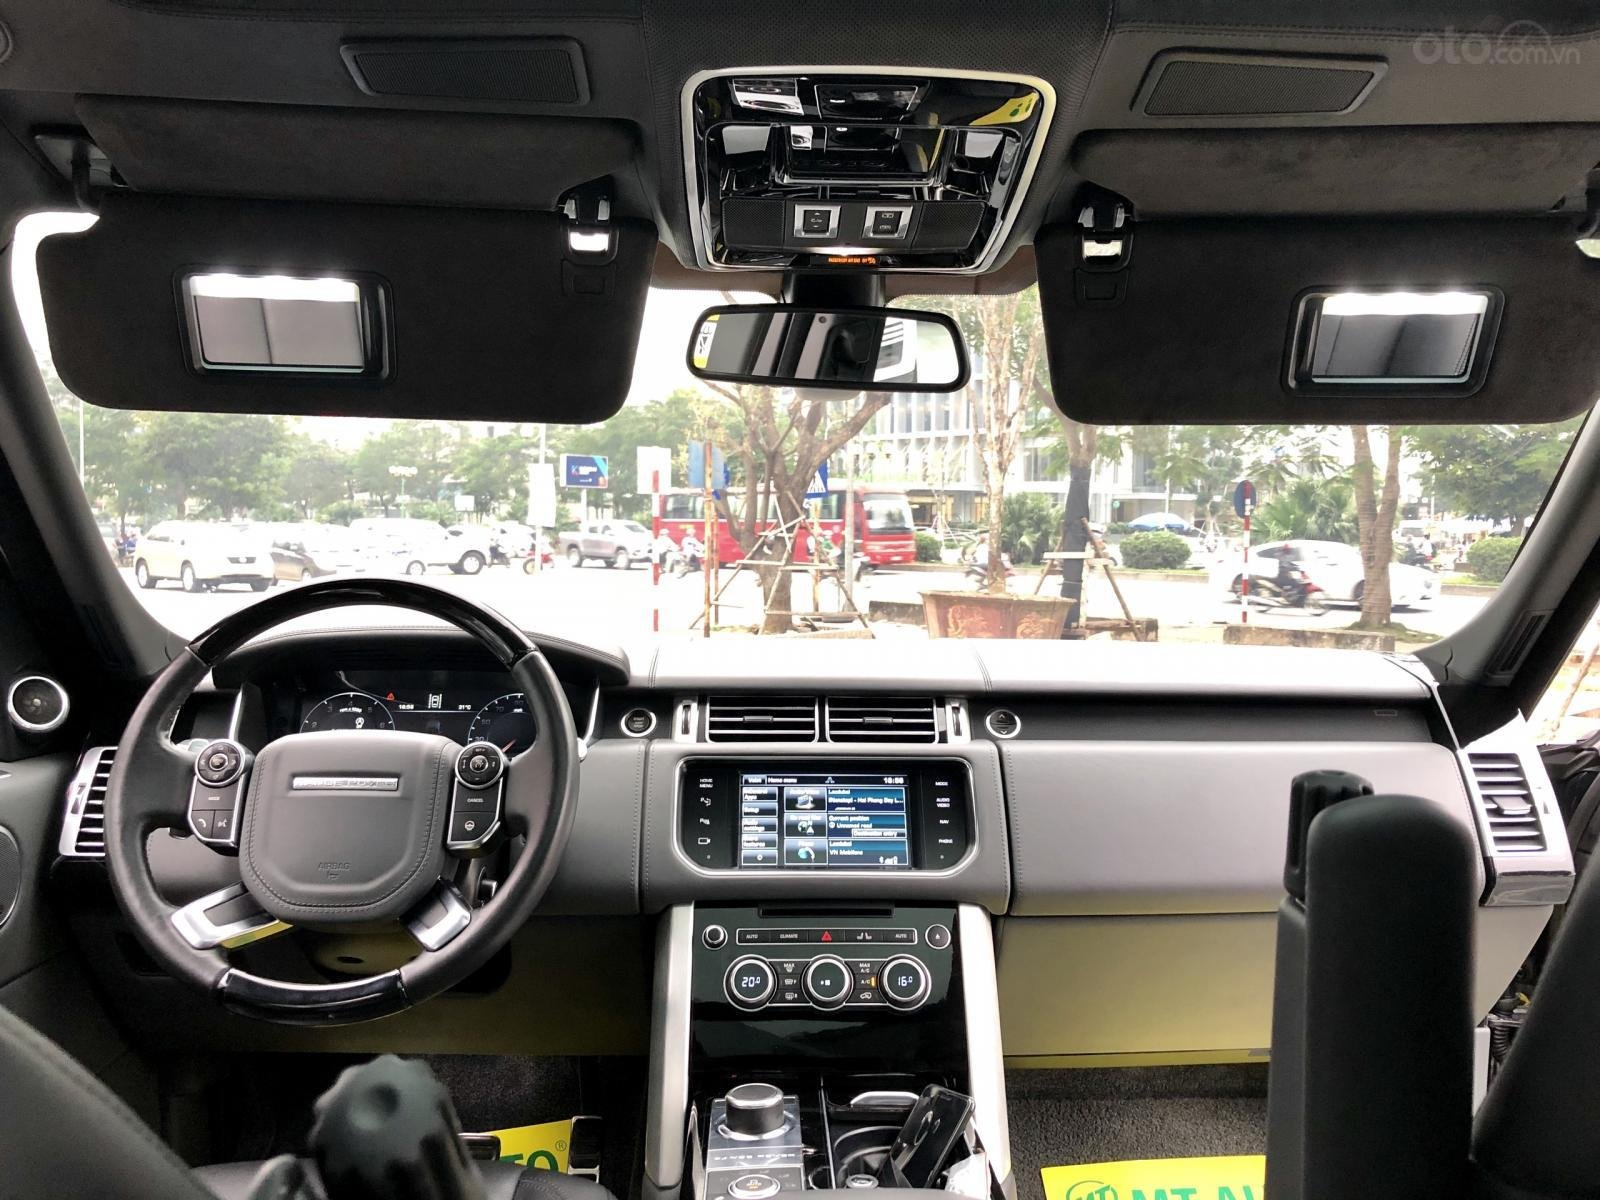 Bán Range Rover Black Edition SX 2015, siêu lướt giá tốt - LH Ms. Hương 094.539.2468 (14)